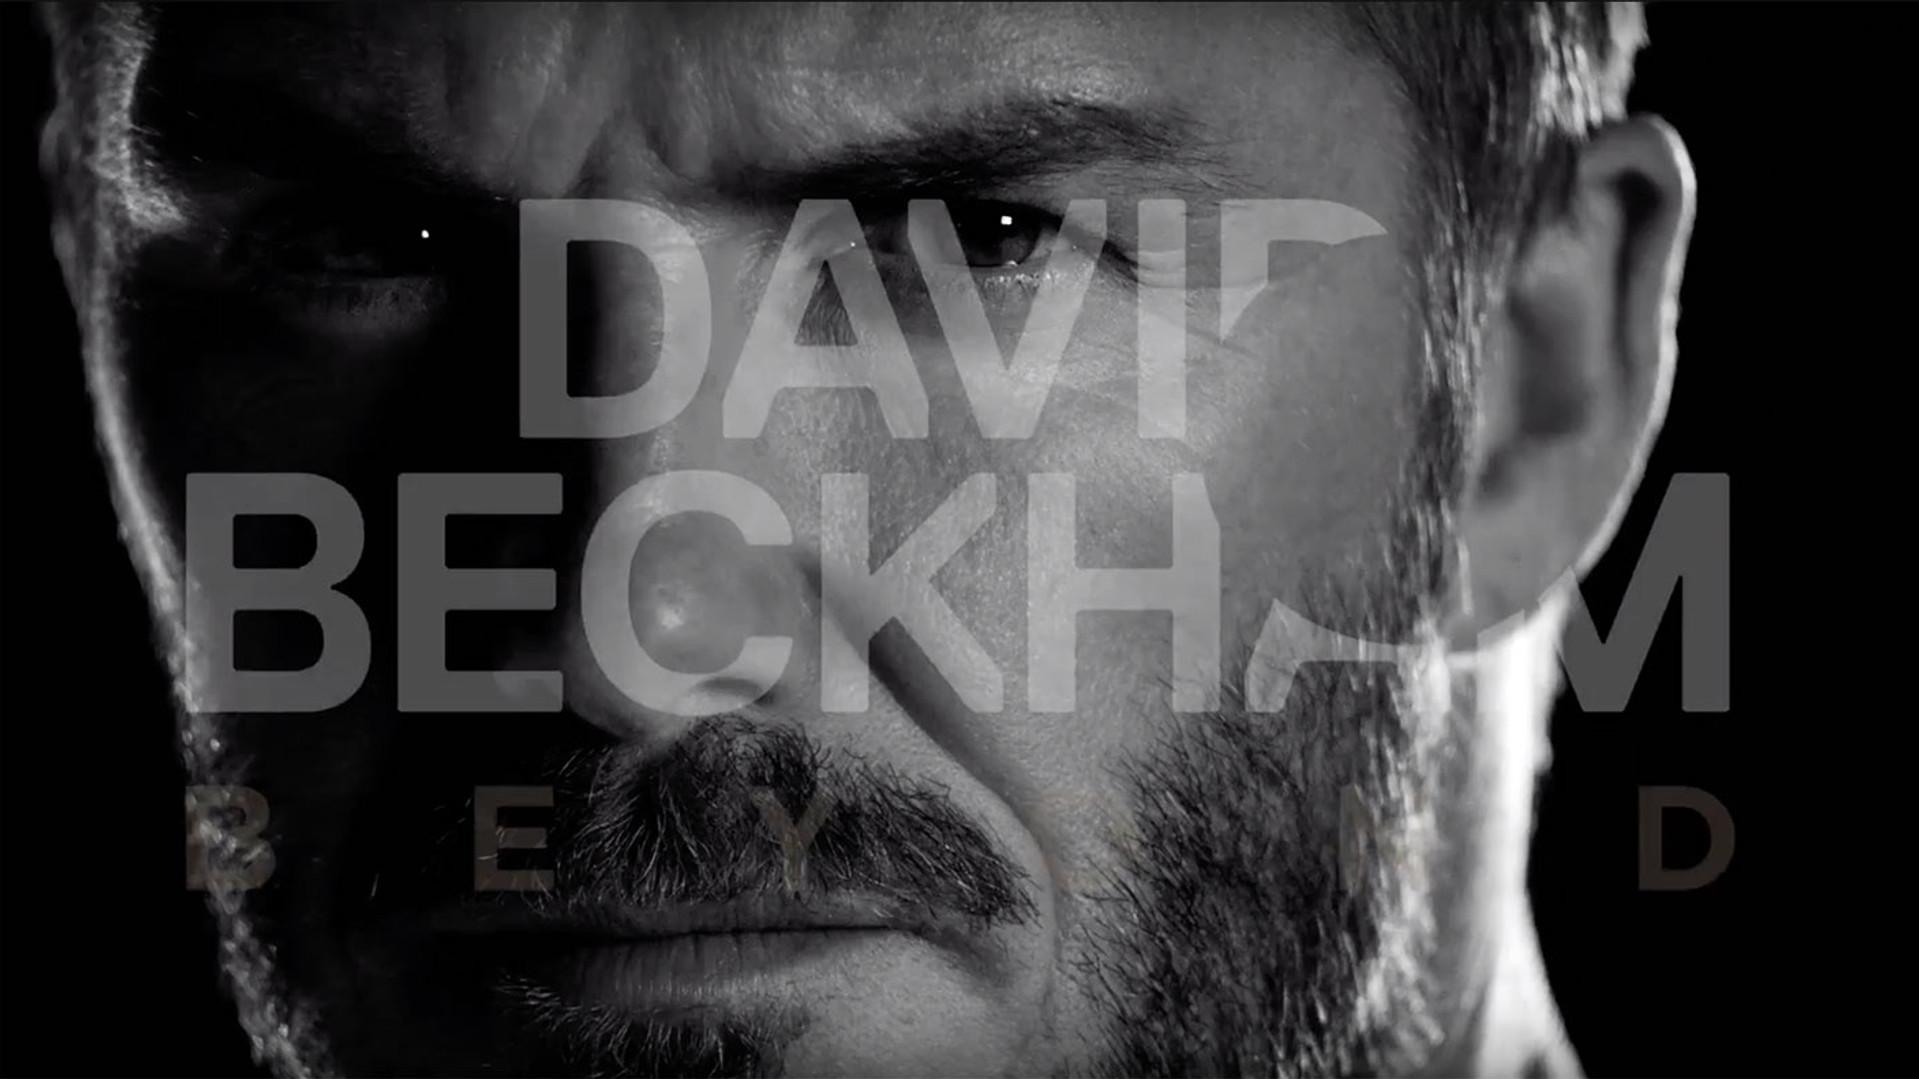 DAVID BECKHAM - ANNA AIKO